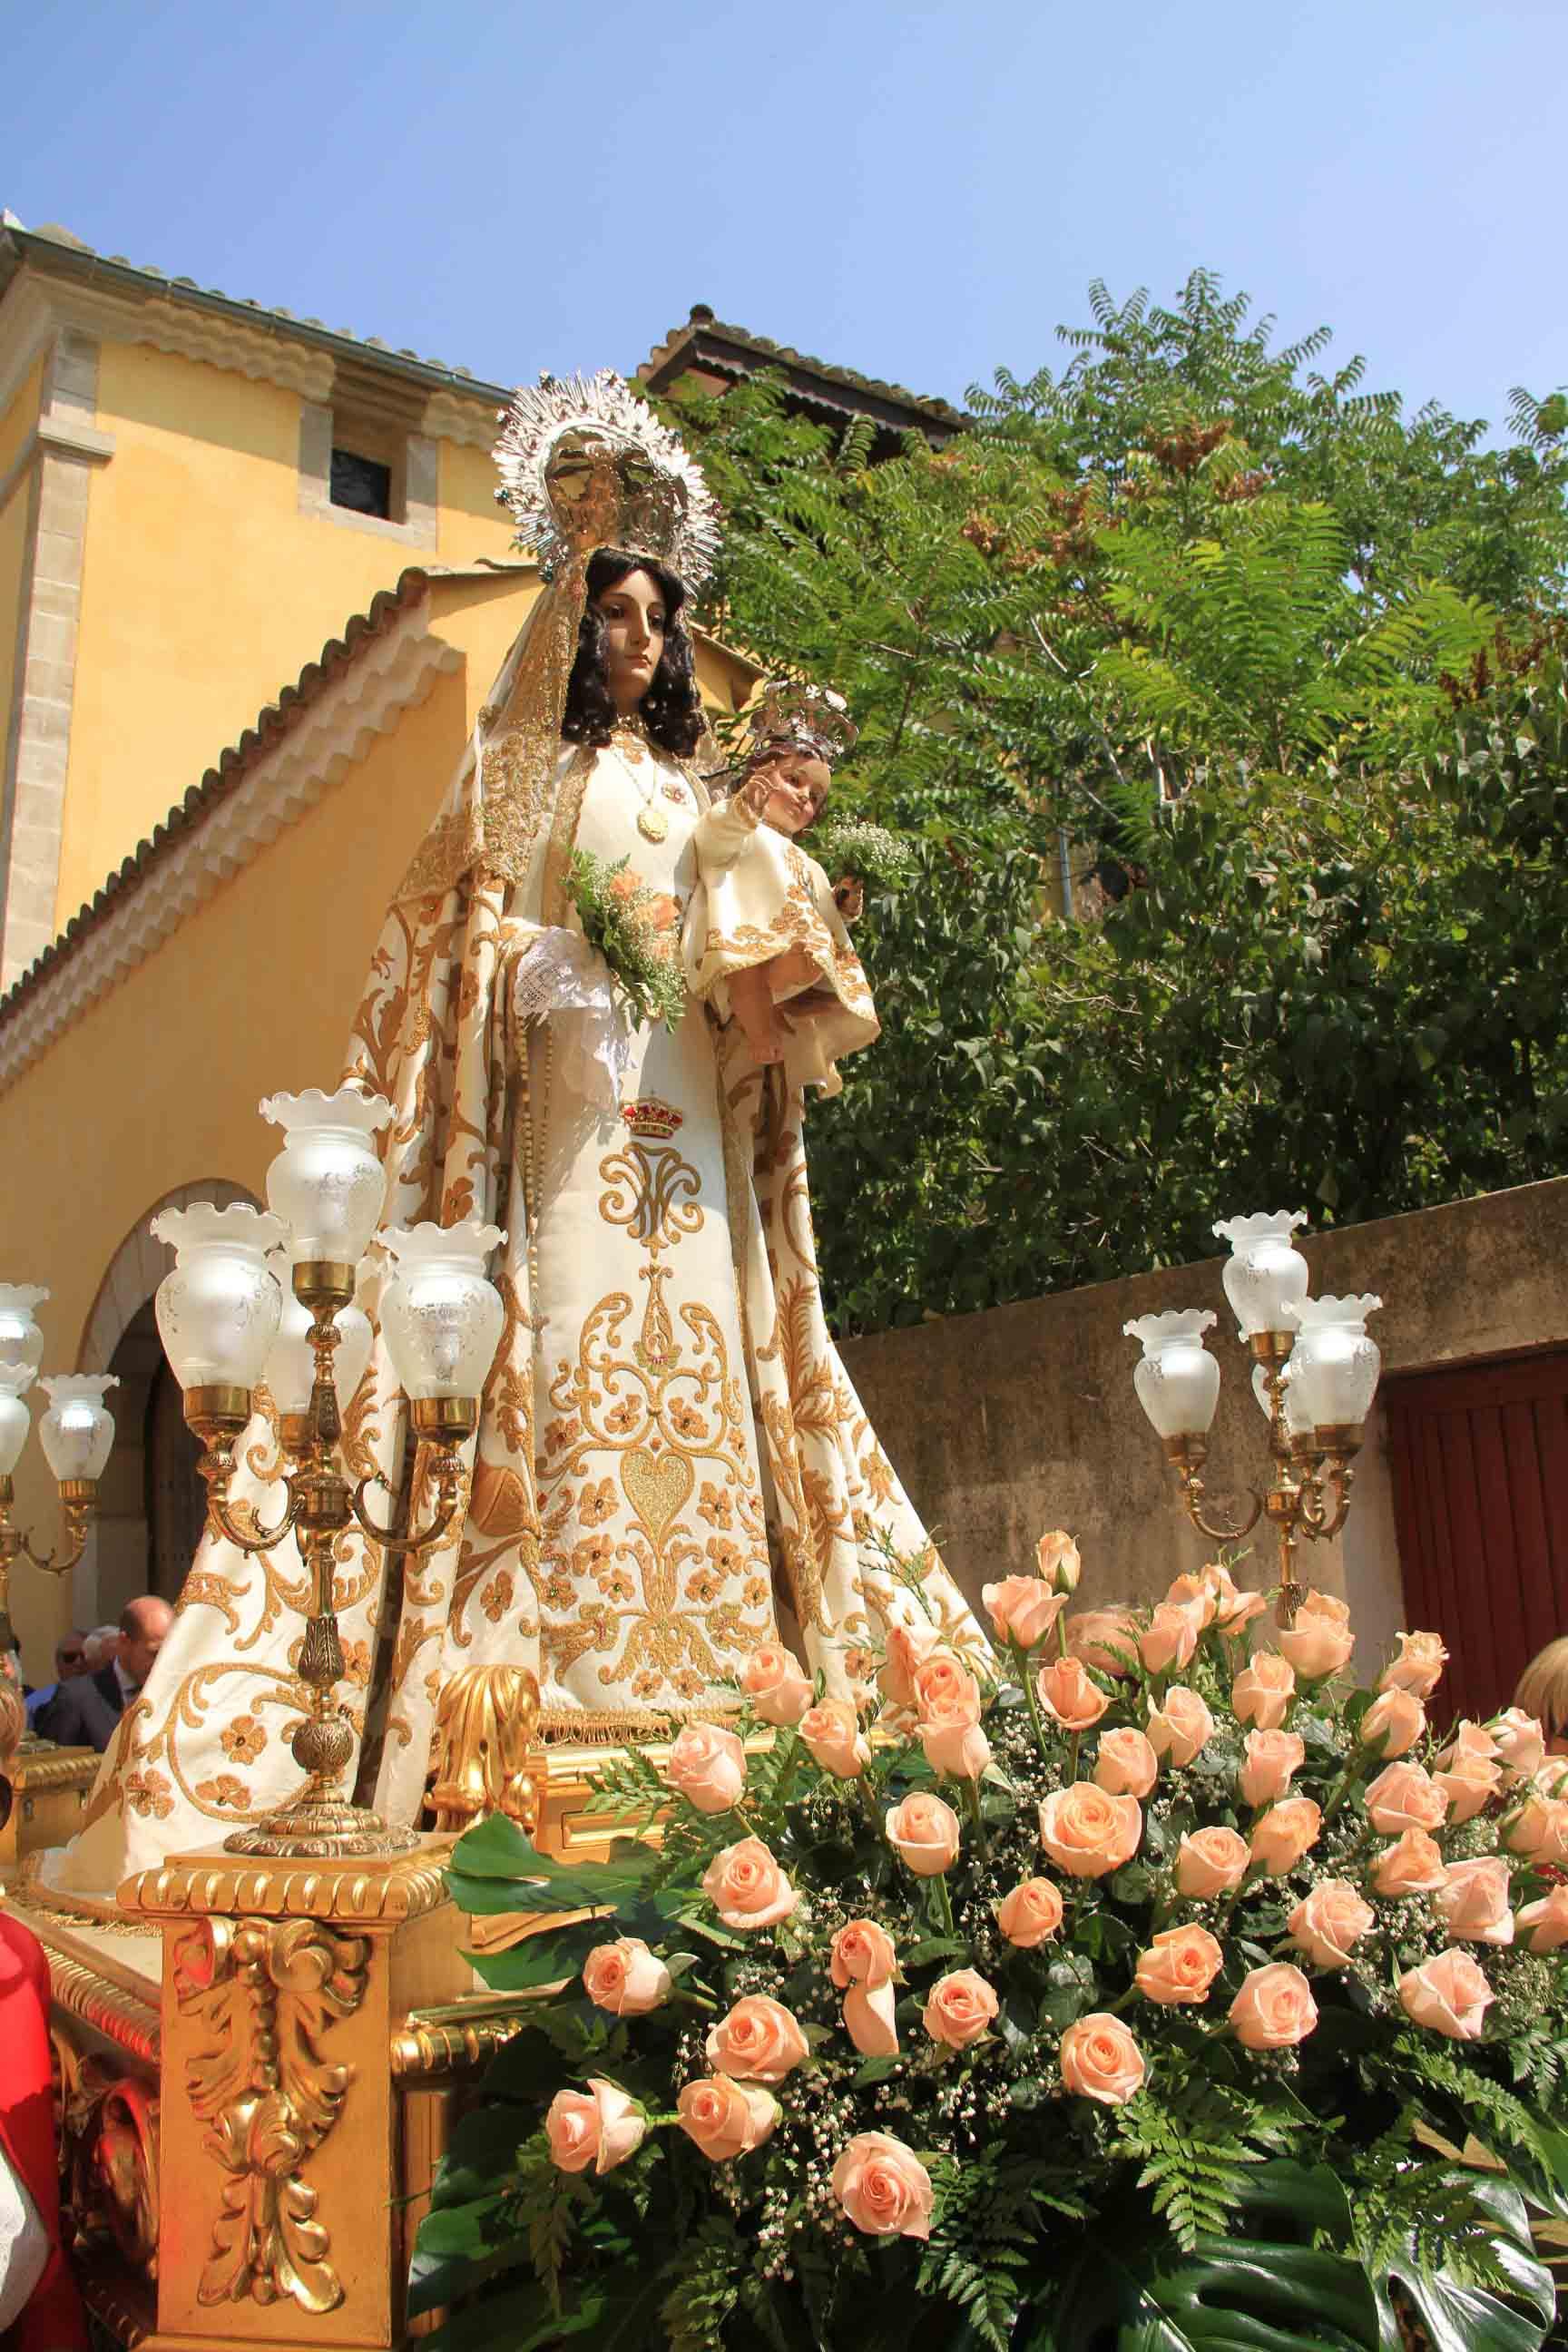 Pareja celebró el día grande de sus fiestas en honor a la Virgen de los Remedios